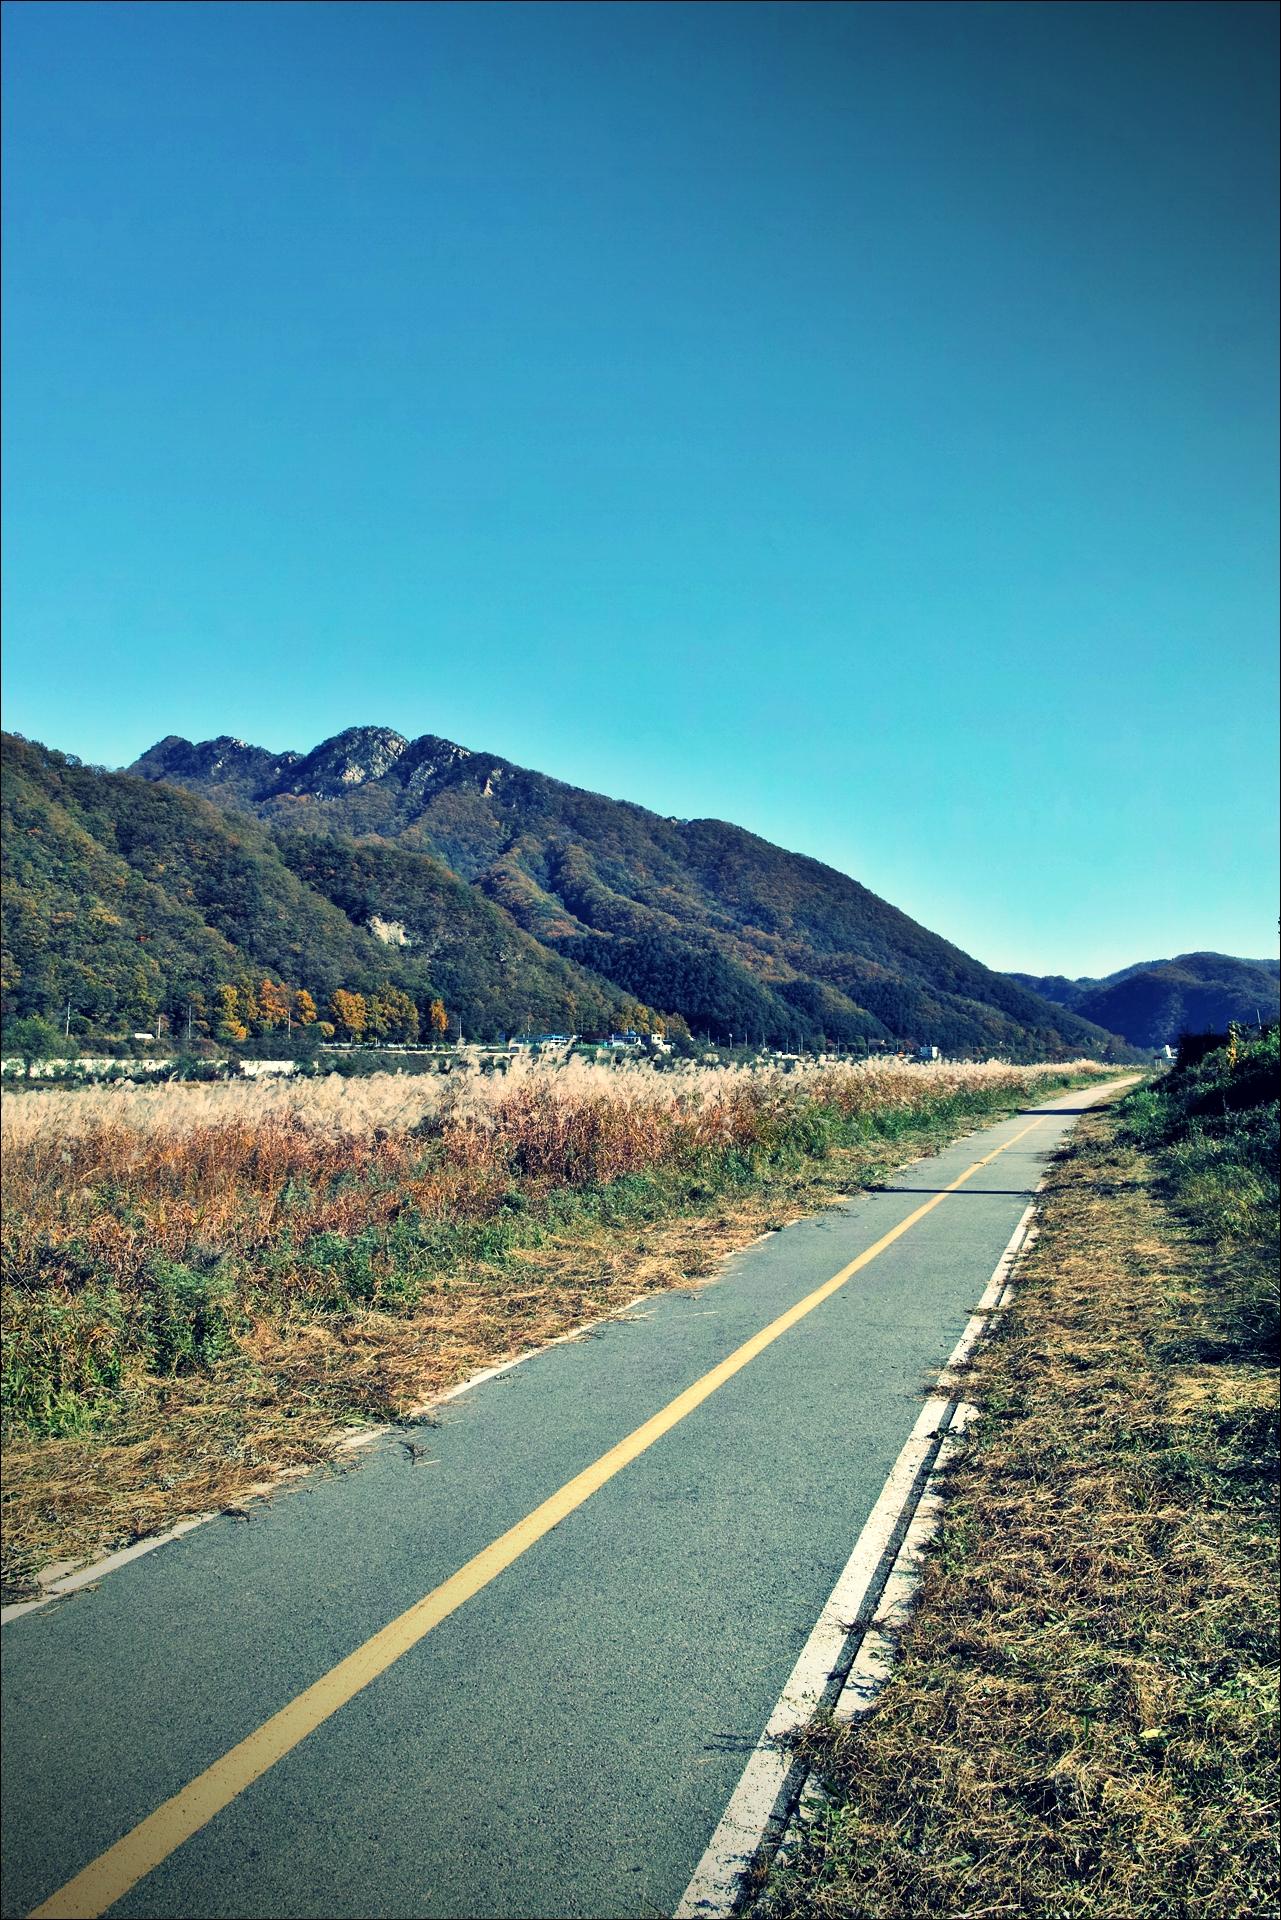 한적한 길-'미니벨로(오리바이크 서파즈 AR20) 타고 북한강 자전거 여행'